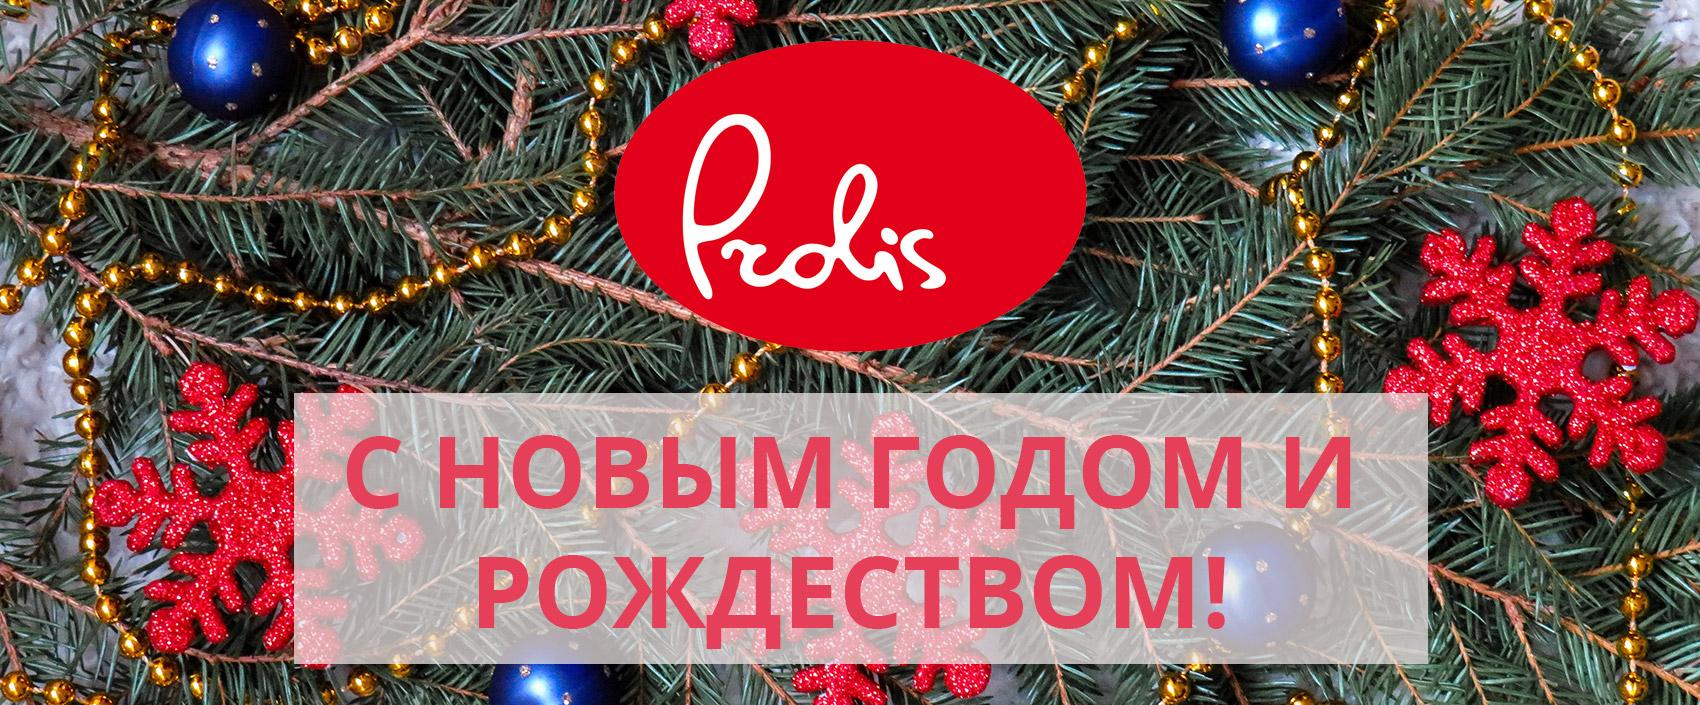 Поздравления ТМ Пролис с новым годом и рождеством